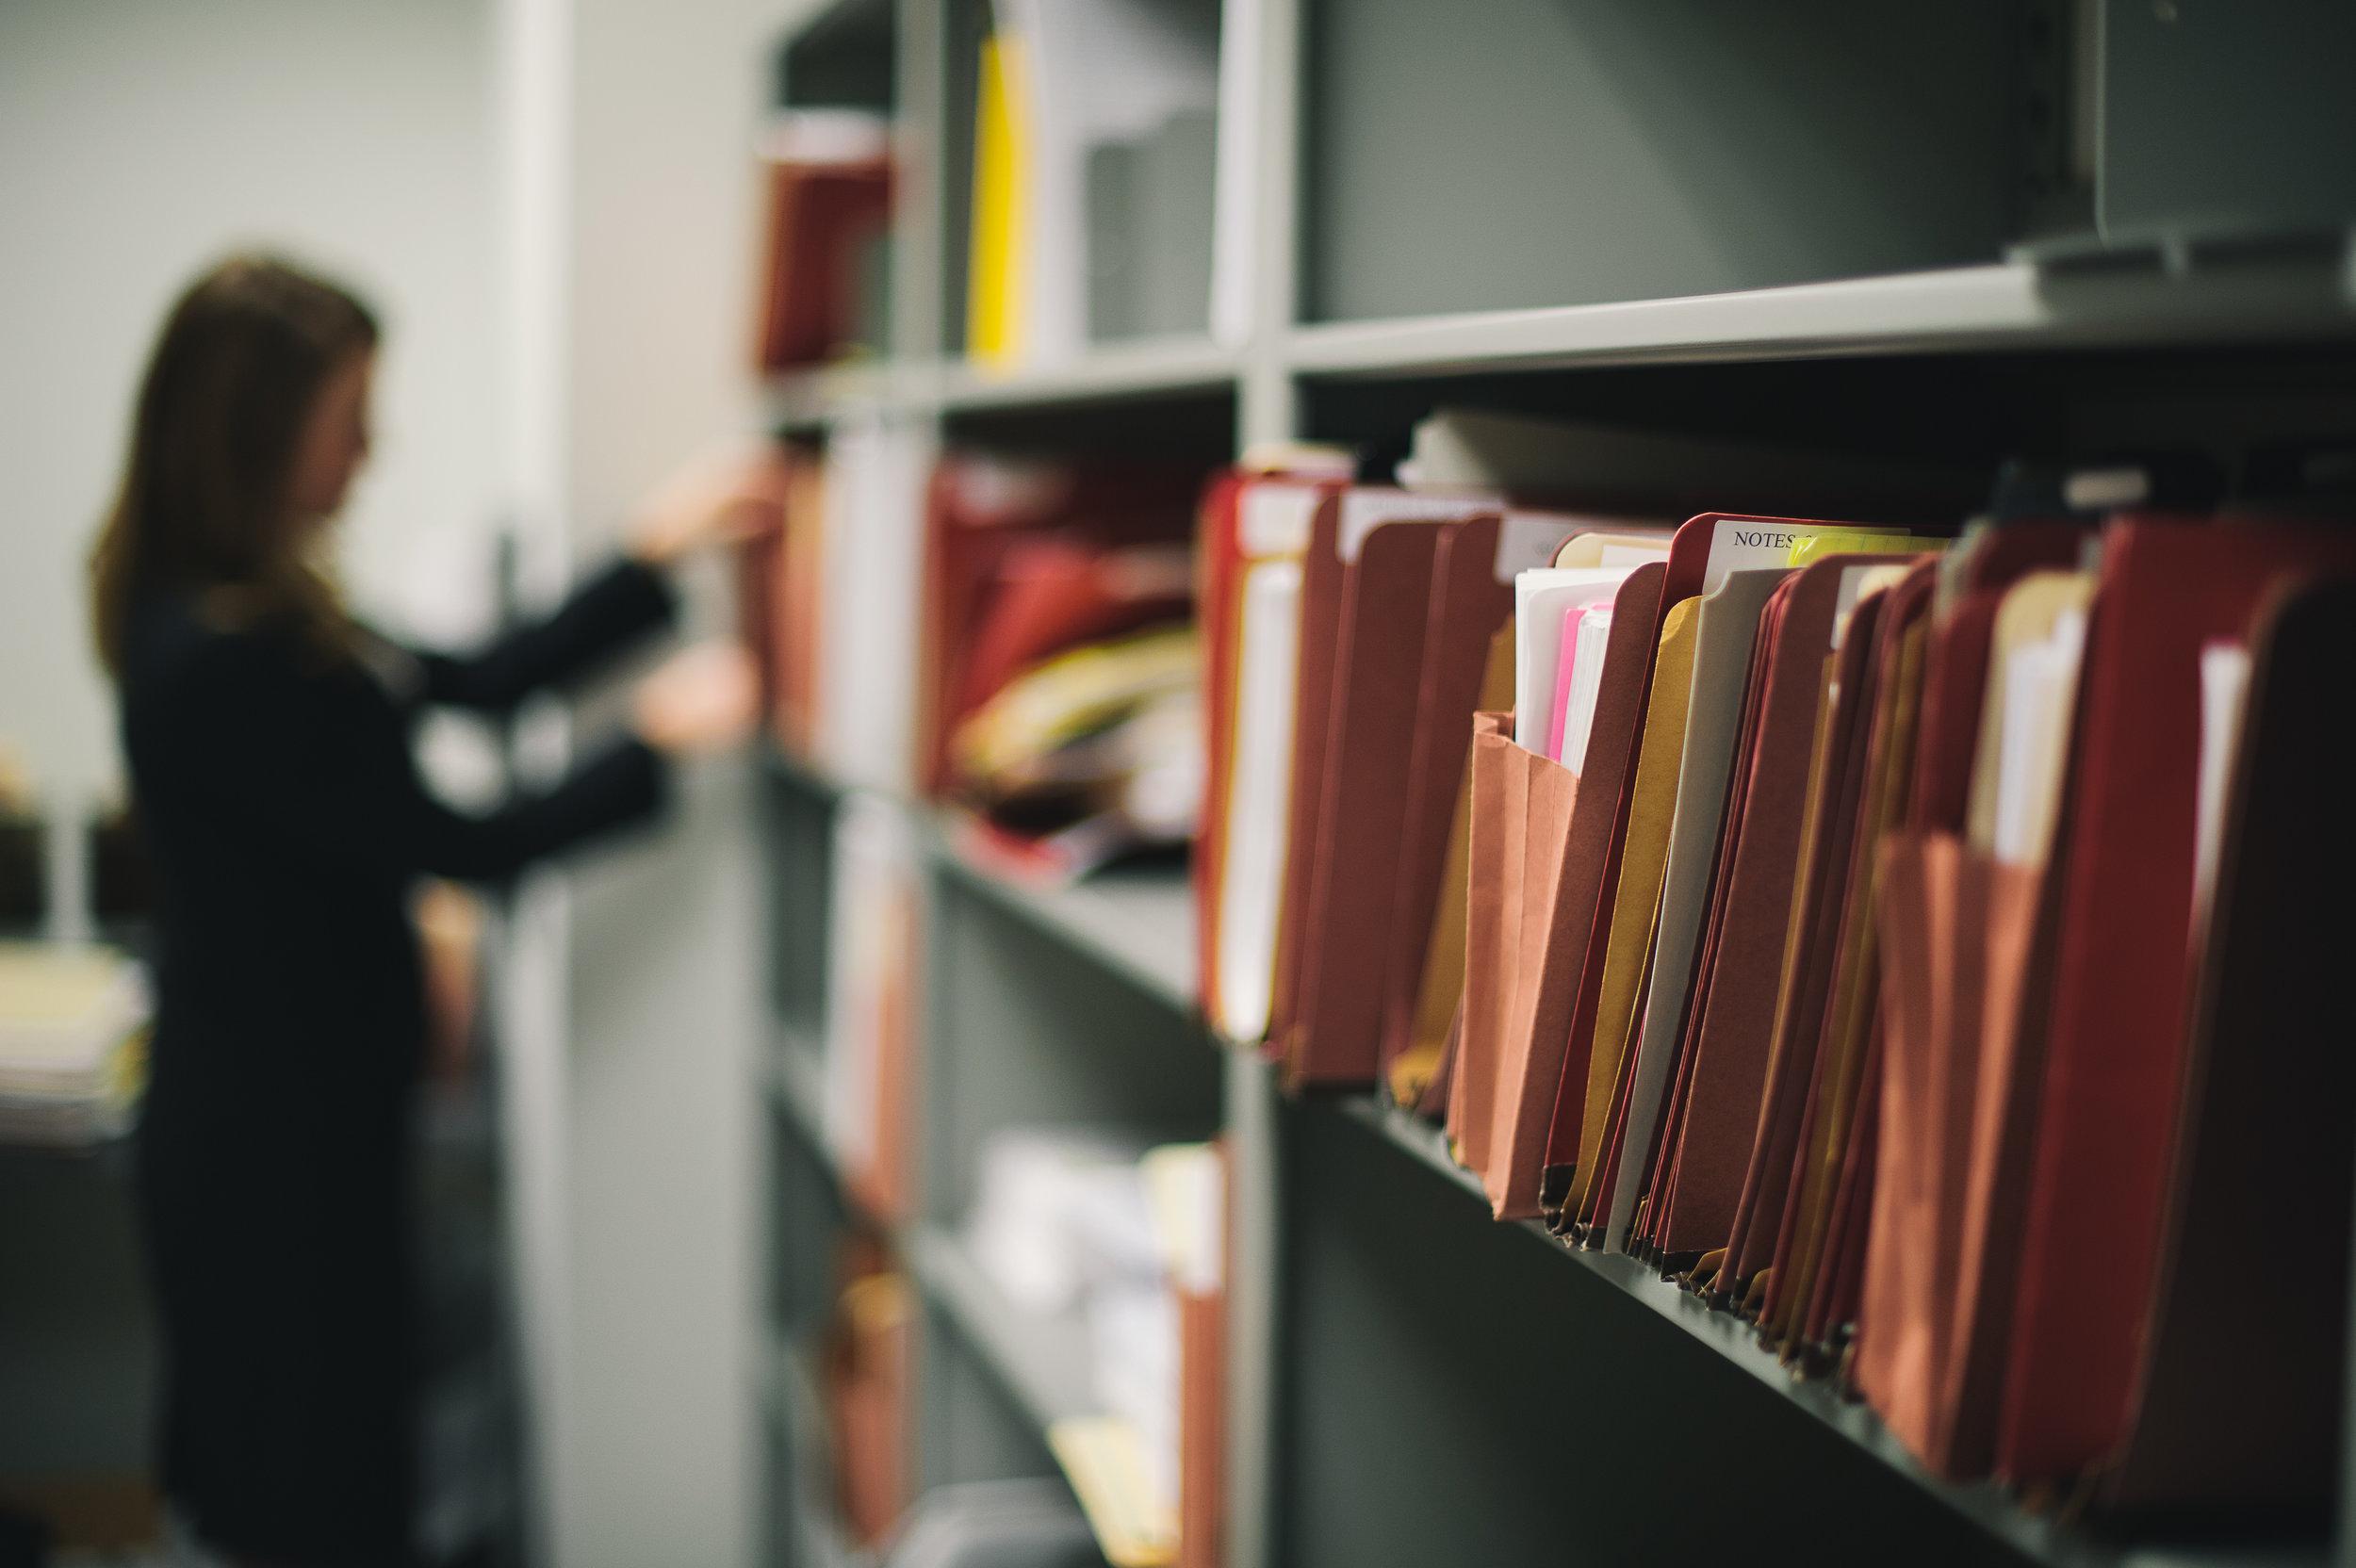 lkm-book-shelfves.jpg